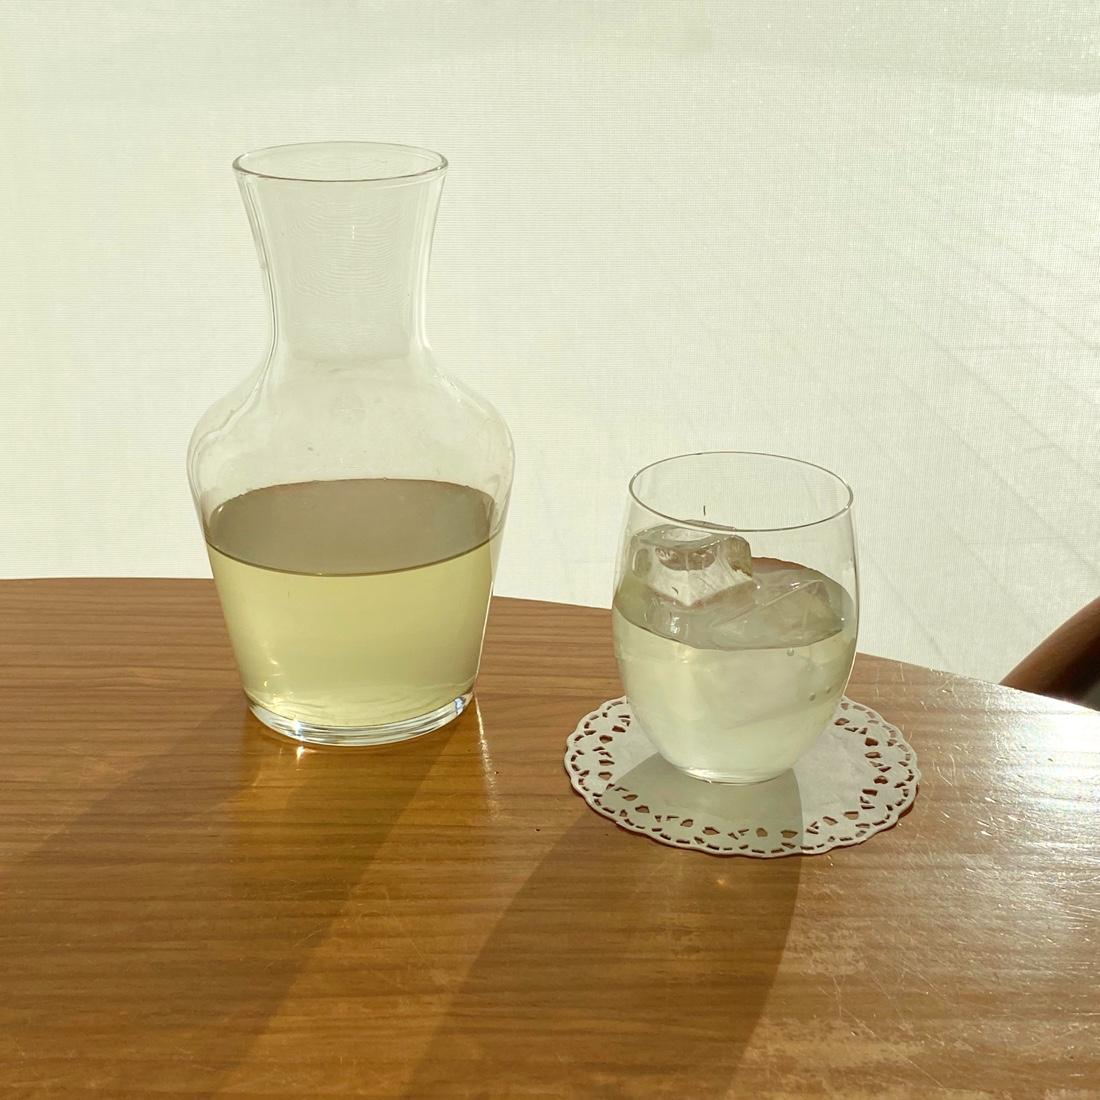 築地本願寺カフェ紬の冷茶